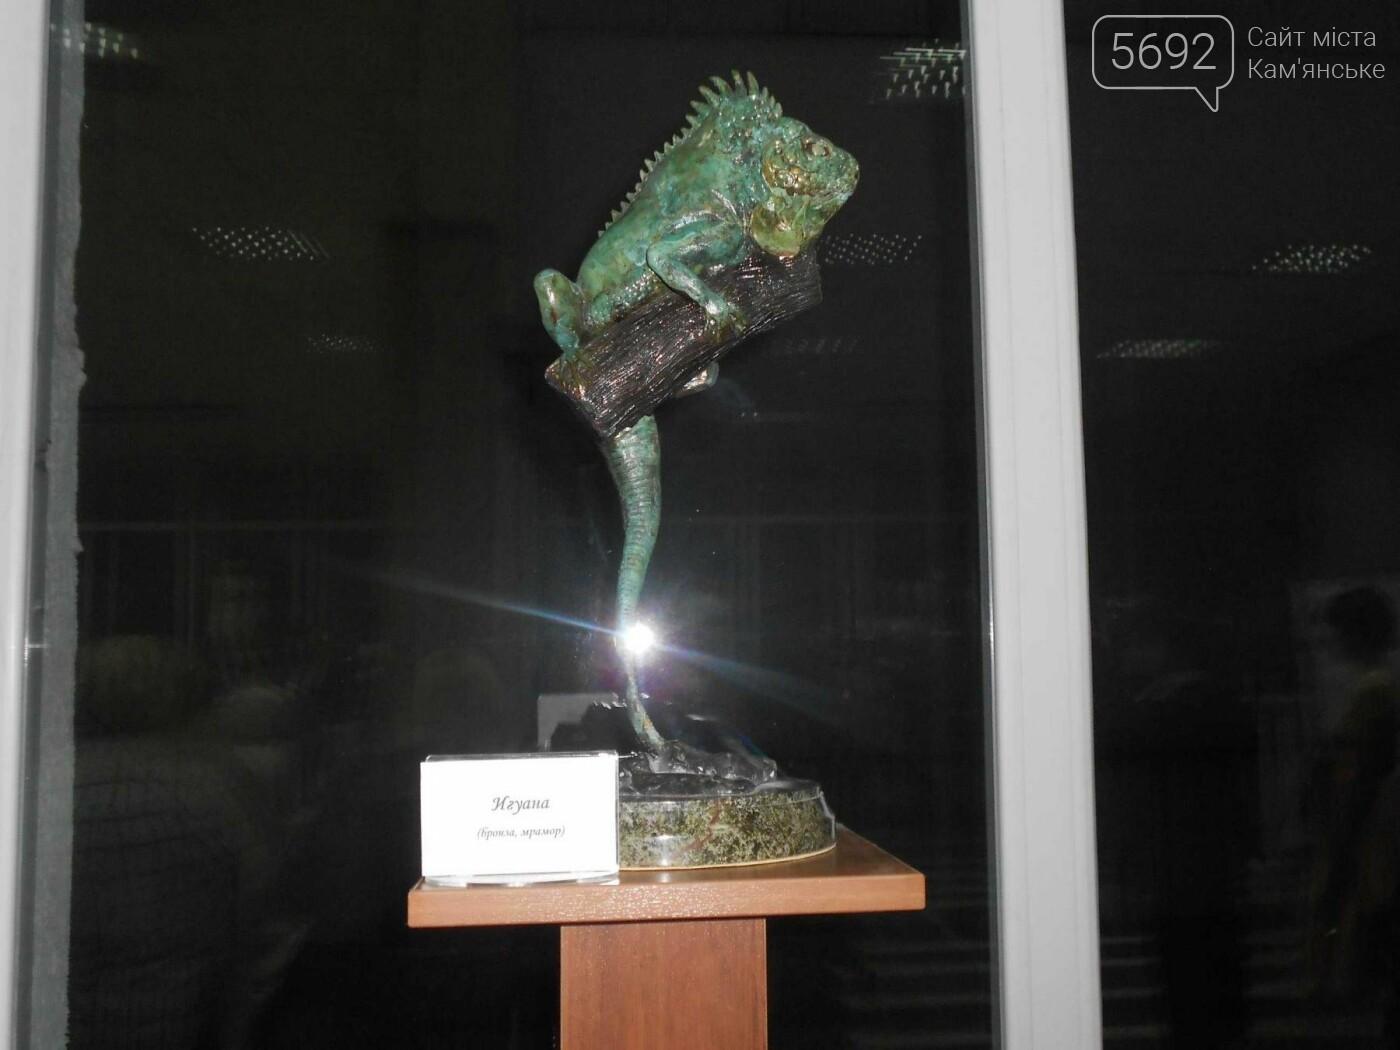 От пластилина до искусства: в Каменском открылась выставка скульптора Сергея Болдова, фото-3